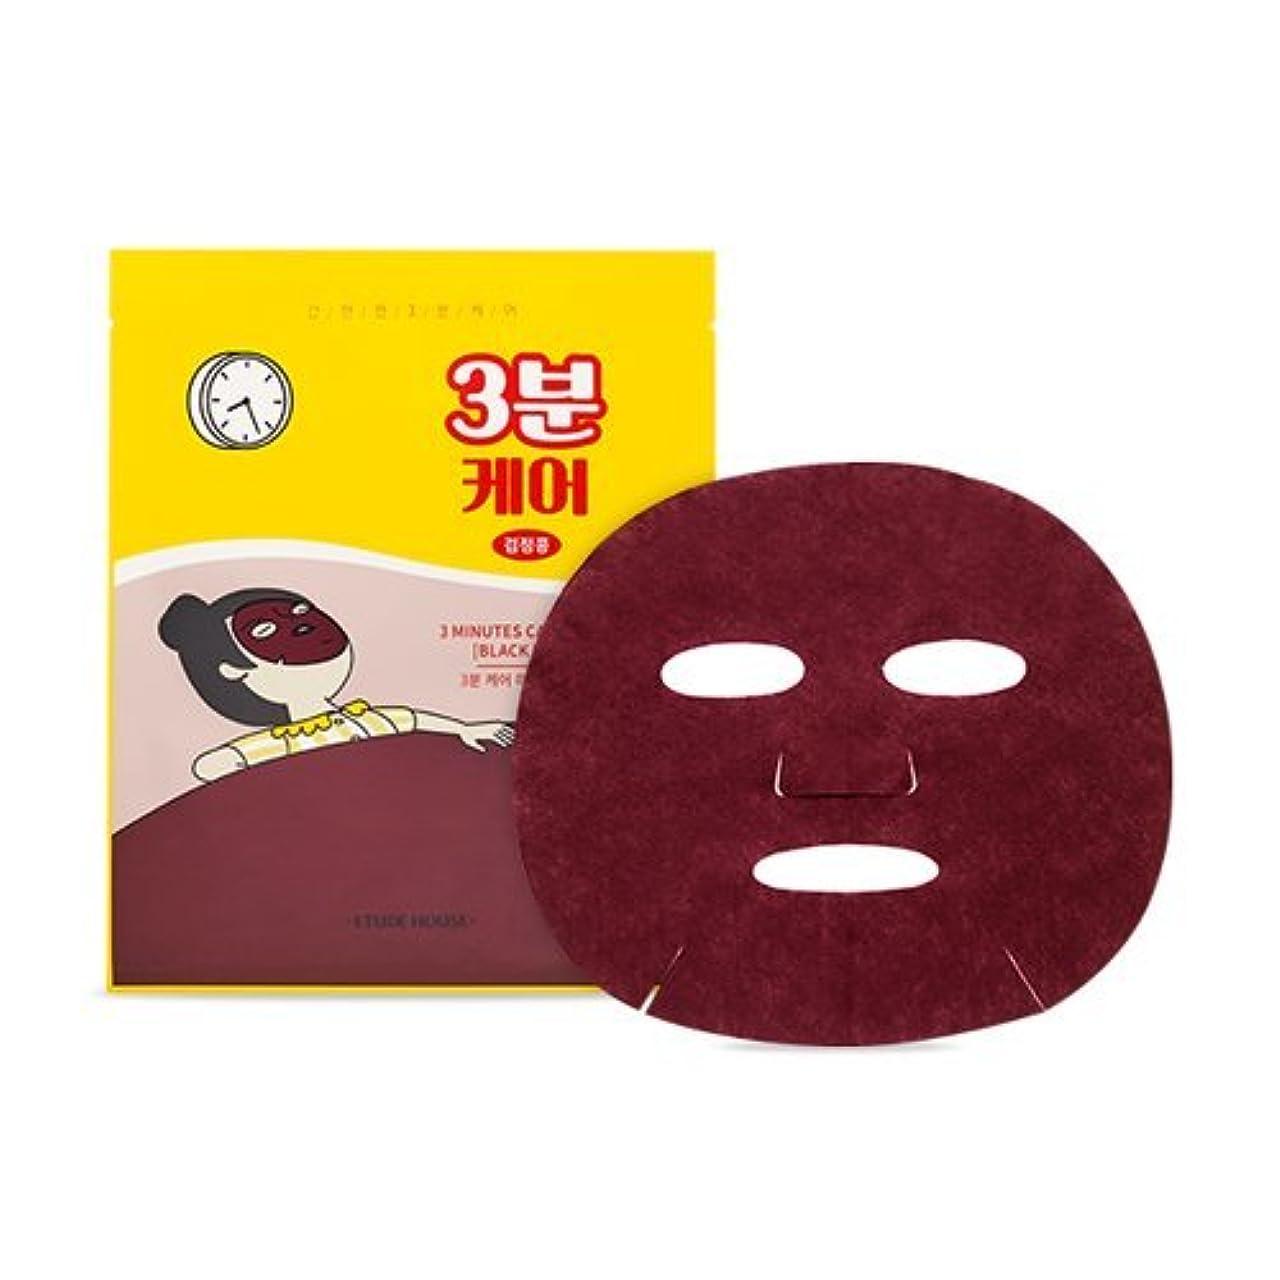 落胆させる放牧する浅いエチュードハウス 3分ケア マスク[ ブラックビーン ] 5枚/ETUDE HOUSE 3 Minutes Care Mask [BLACK BEAN] 23g*5EA